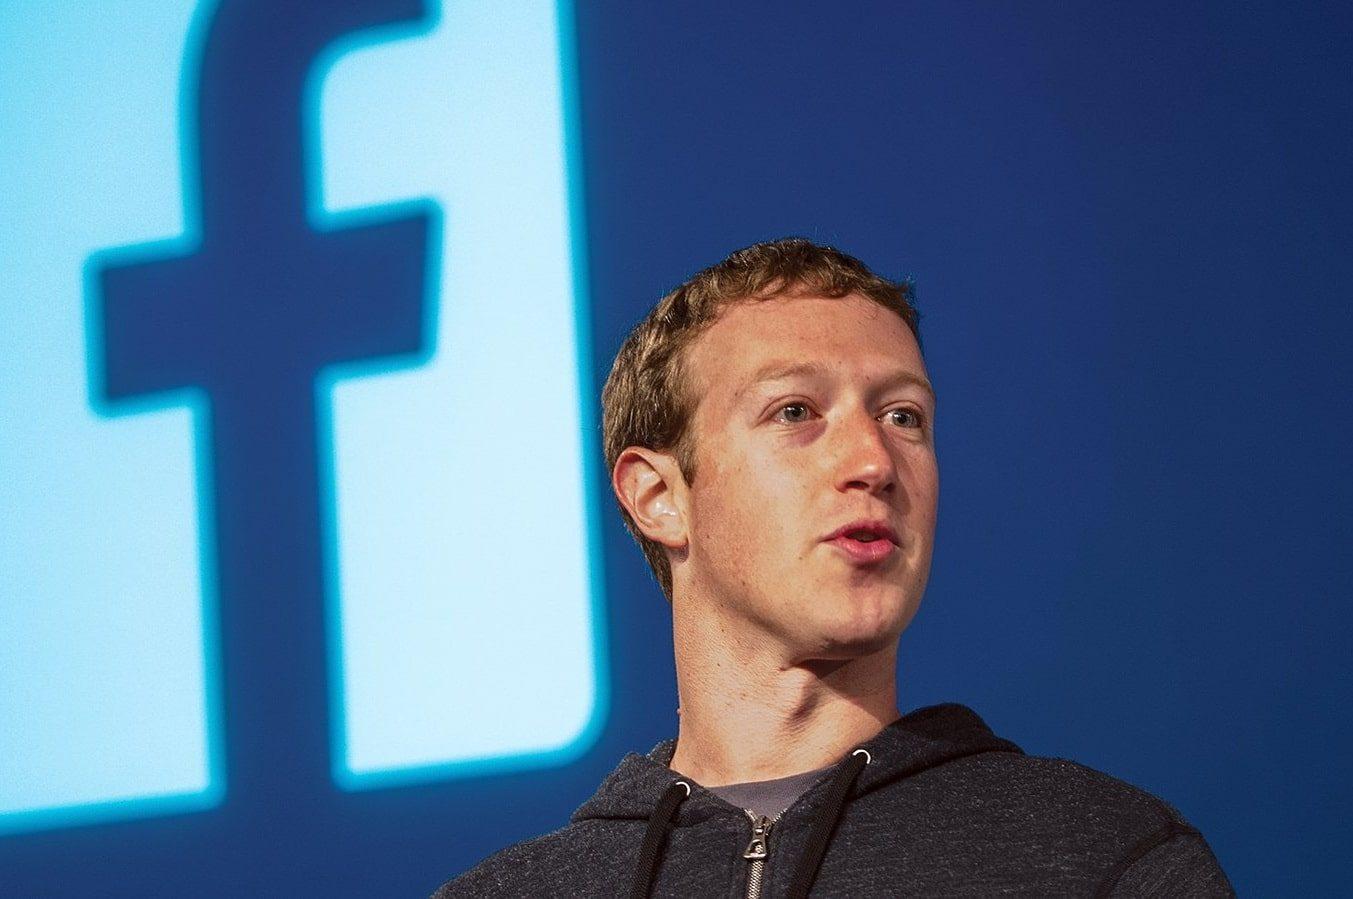 Tiền điện tử Libra có thể giúp tăng doanh thu quảng cáo cho Facebook